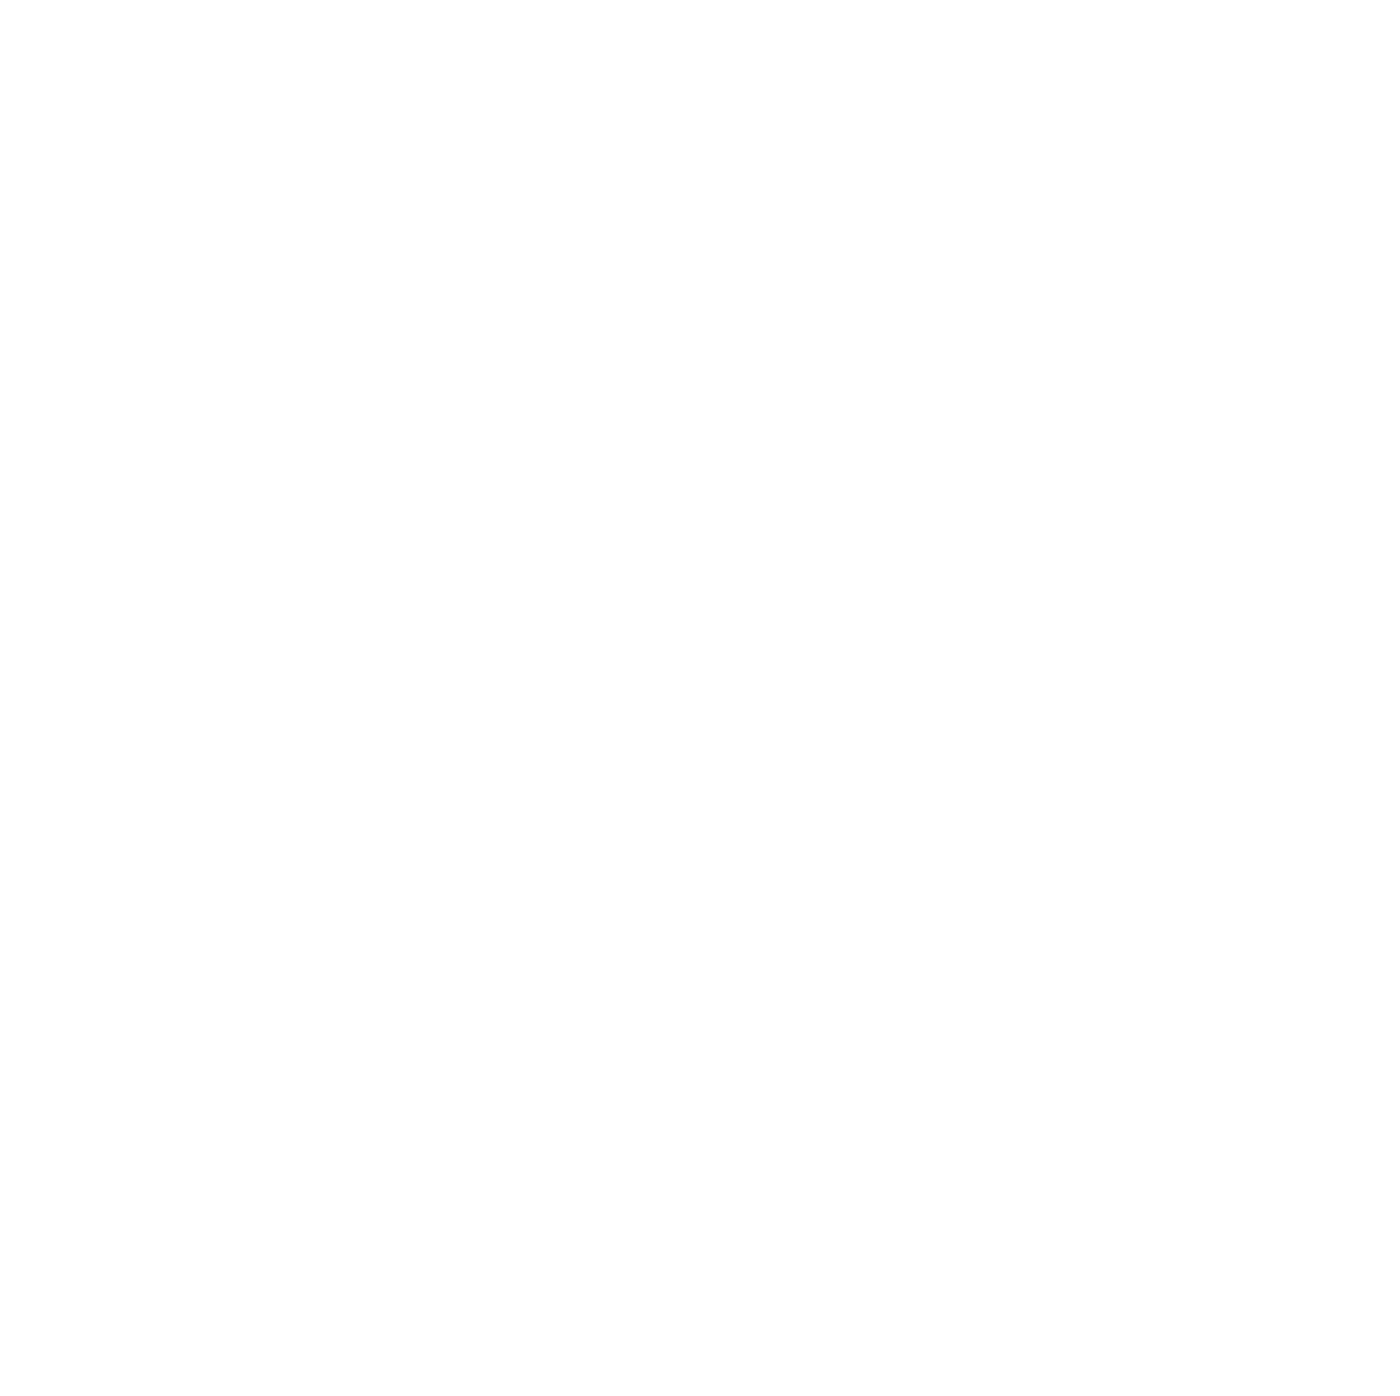 Nghiên cứu chế tạo xúc tác cracking công nghiệp trên cơ sở zeolite Y và zeolite ZSM-5 đa mao quản